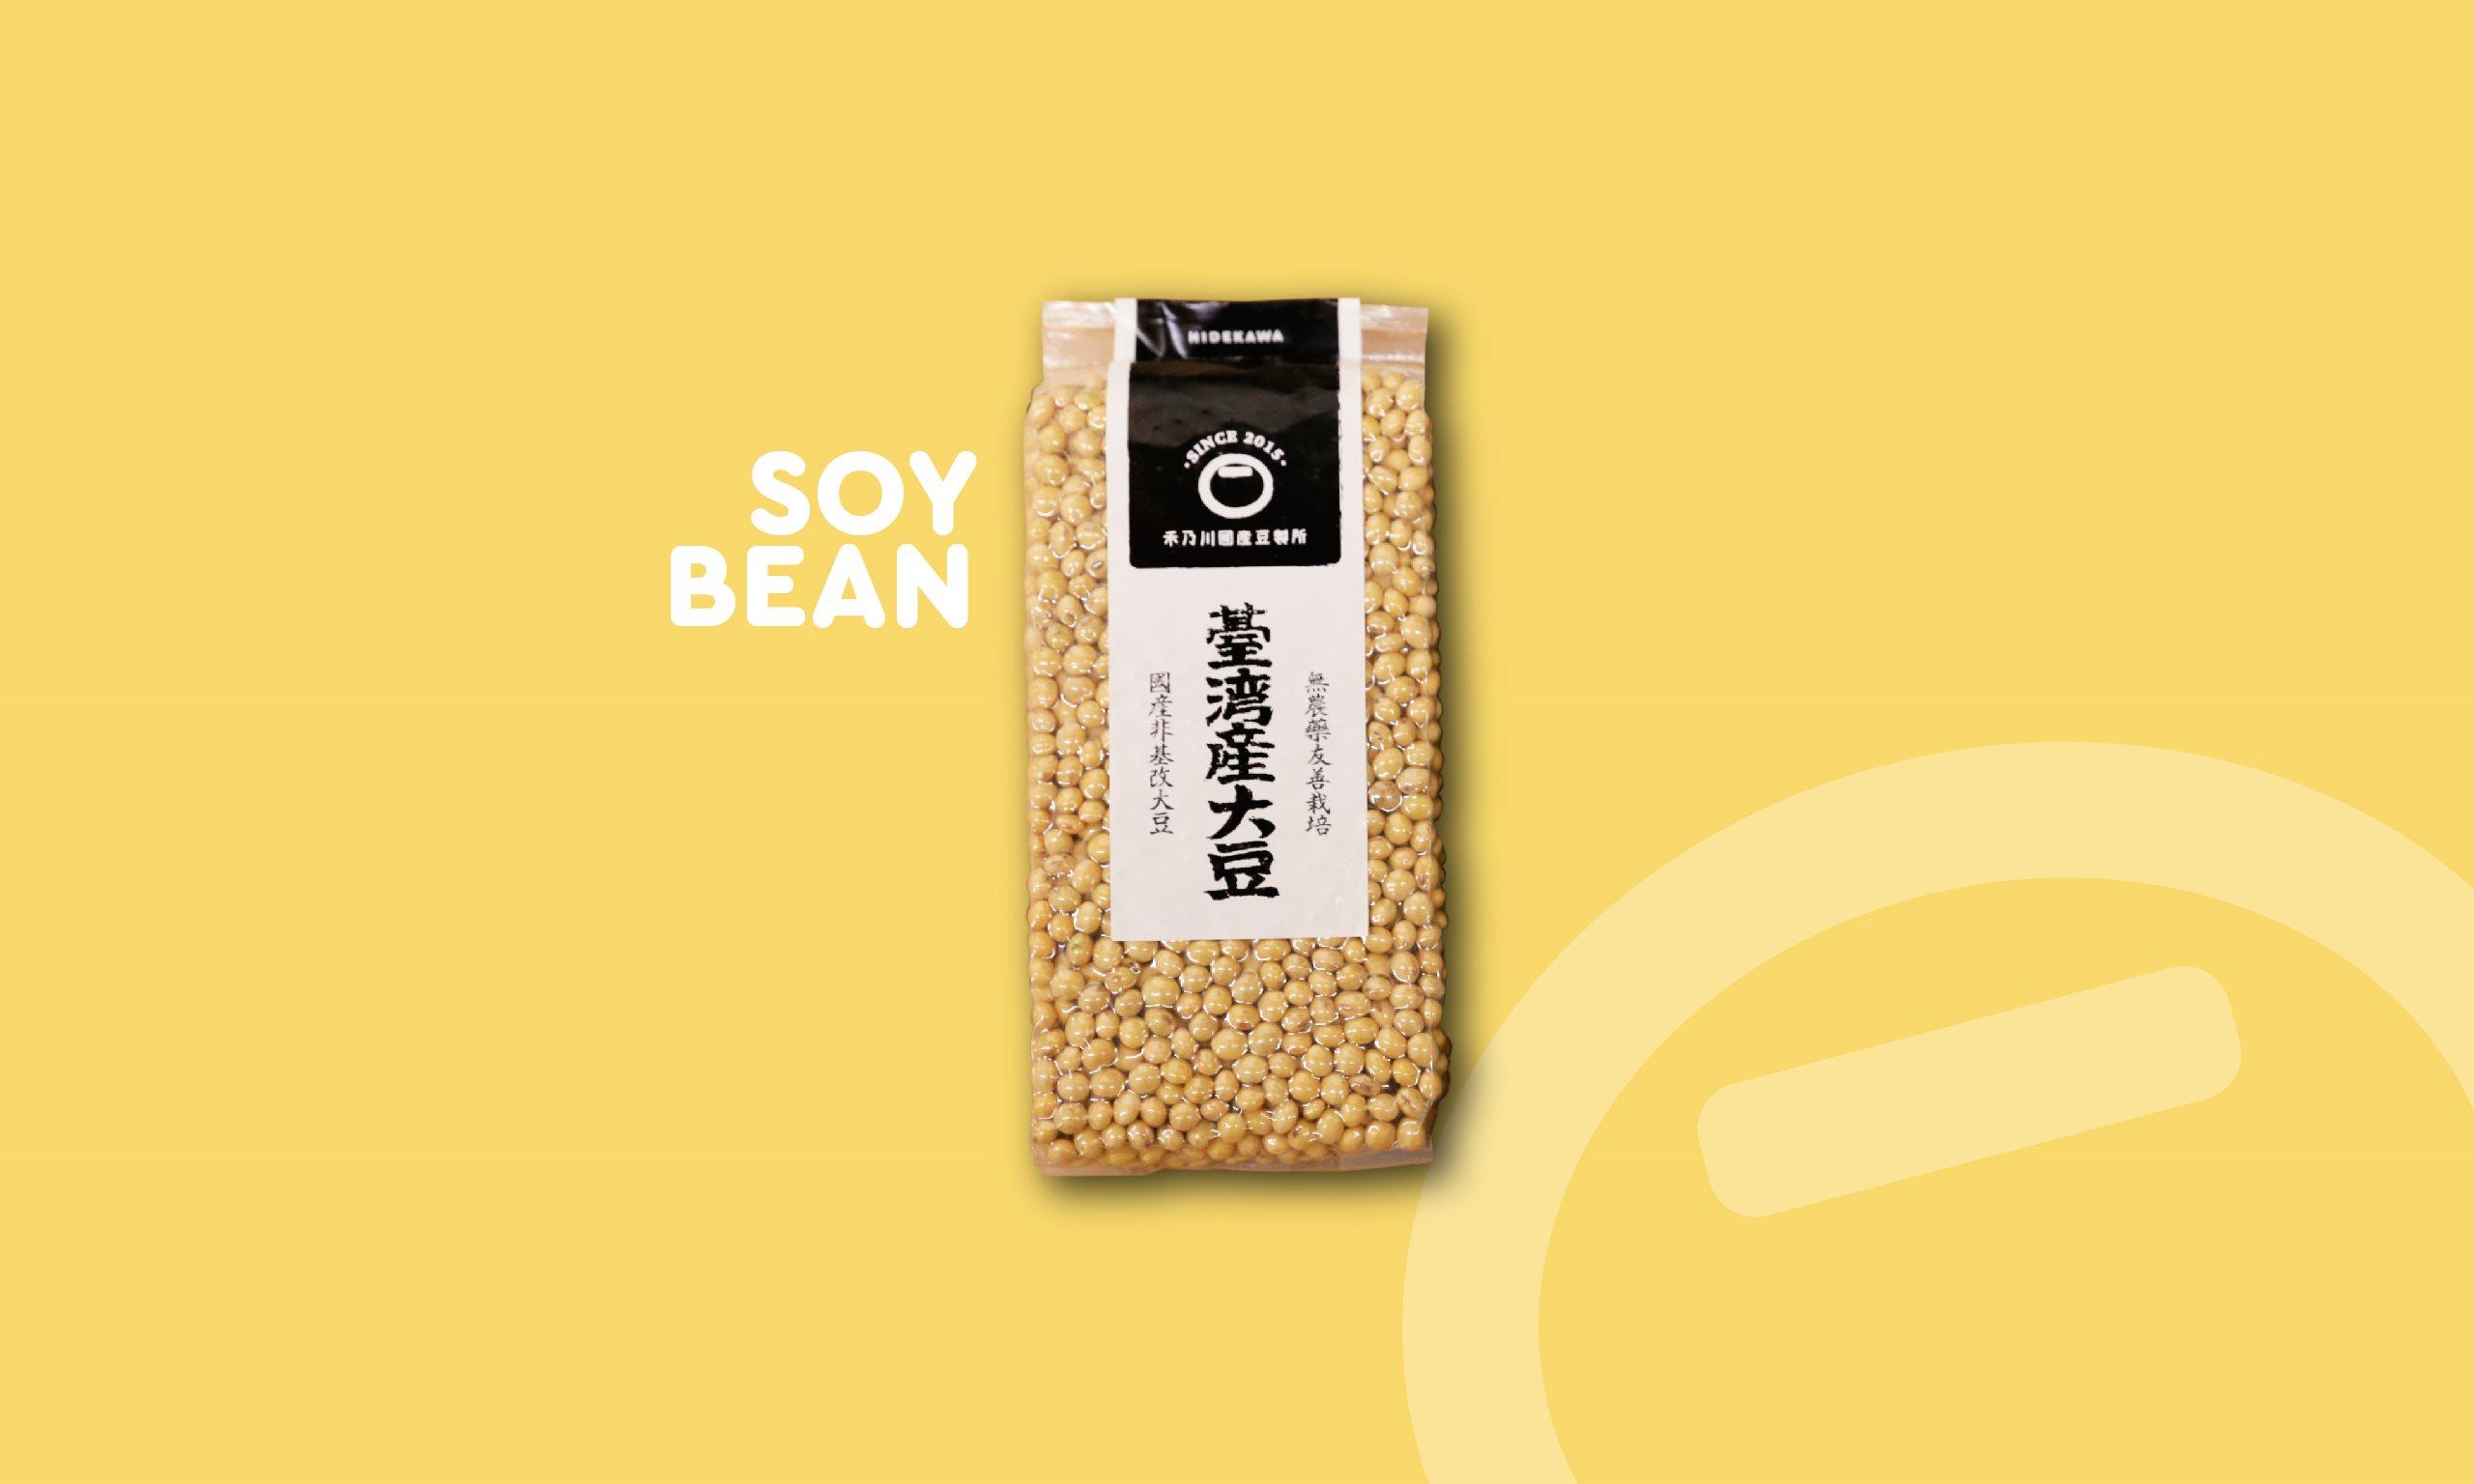 國產生黃豆 - 非基改無毒耕種